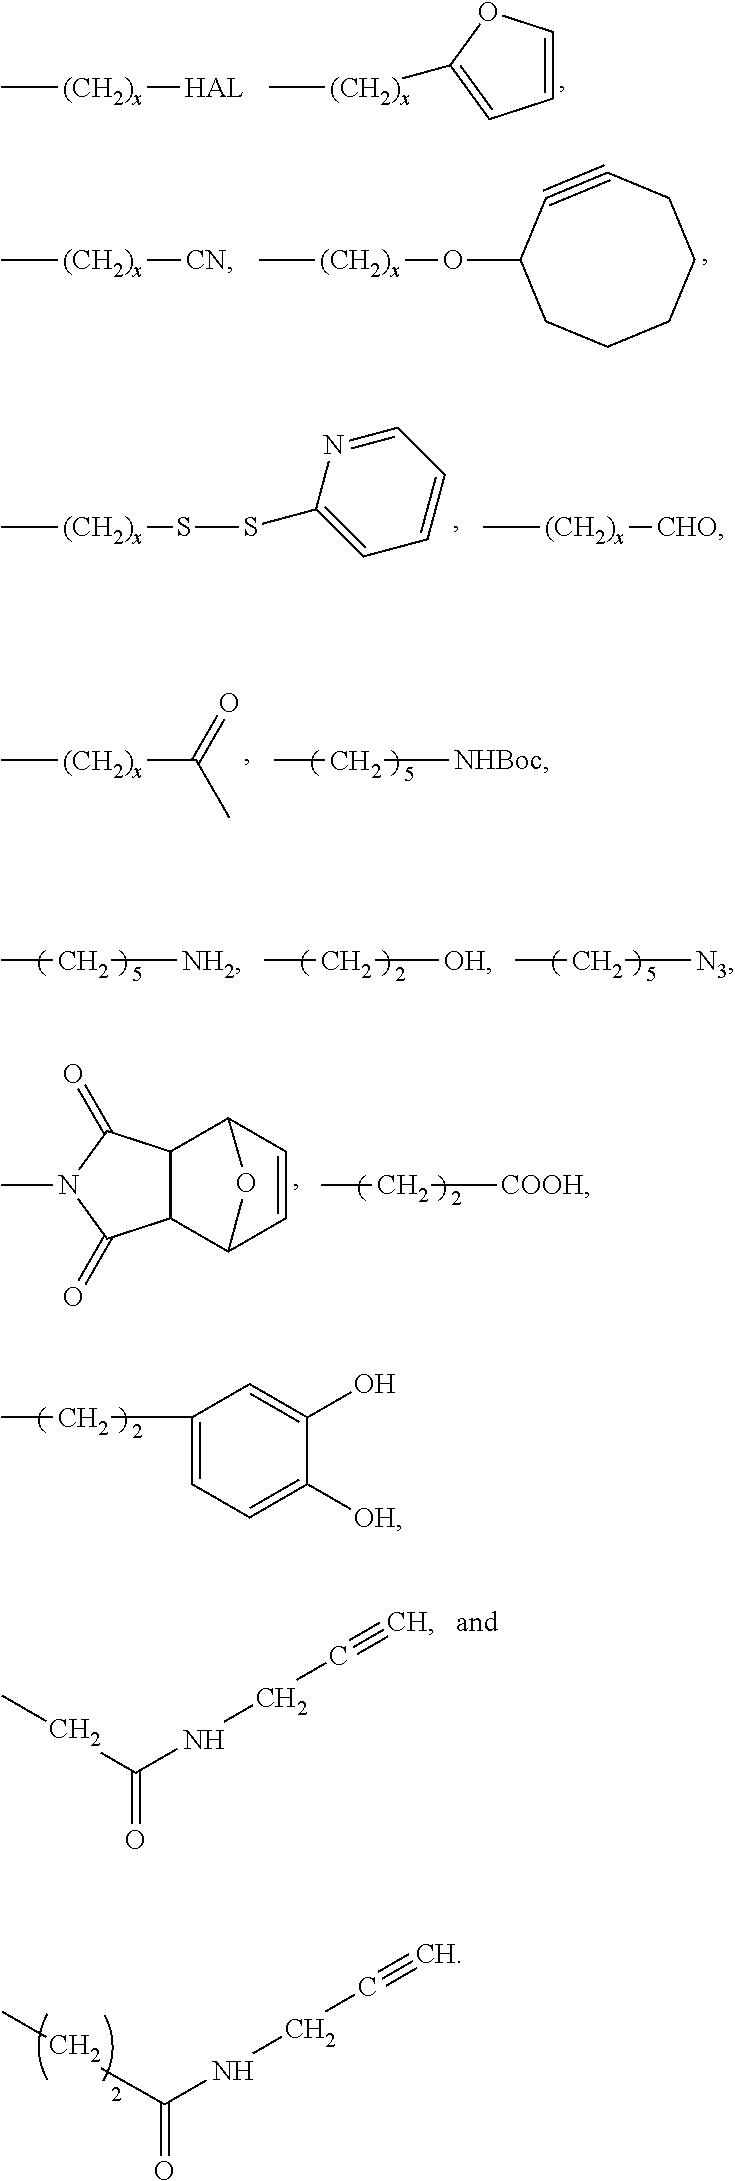 Figure US20150094422A1-20150402-C00007